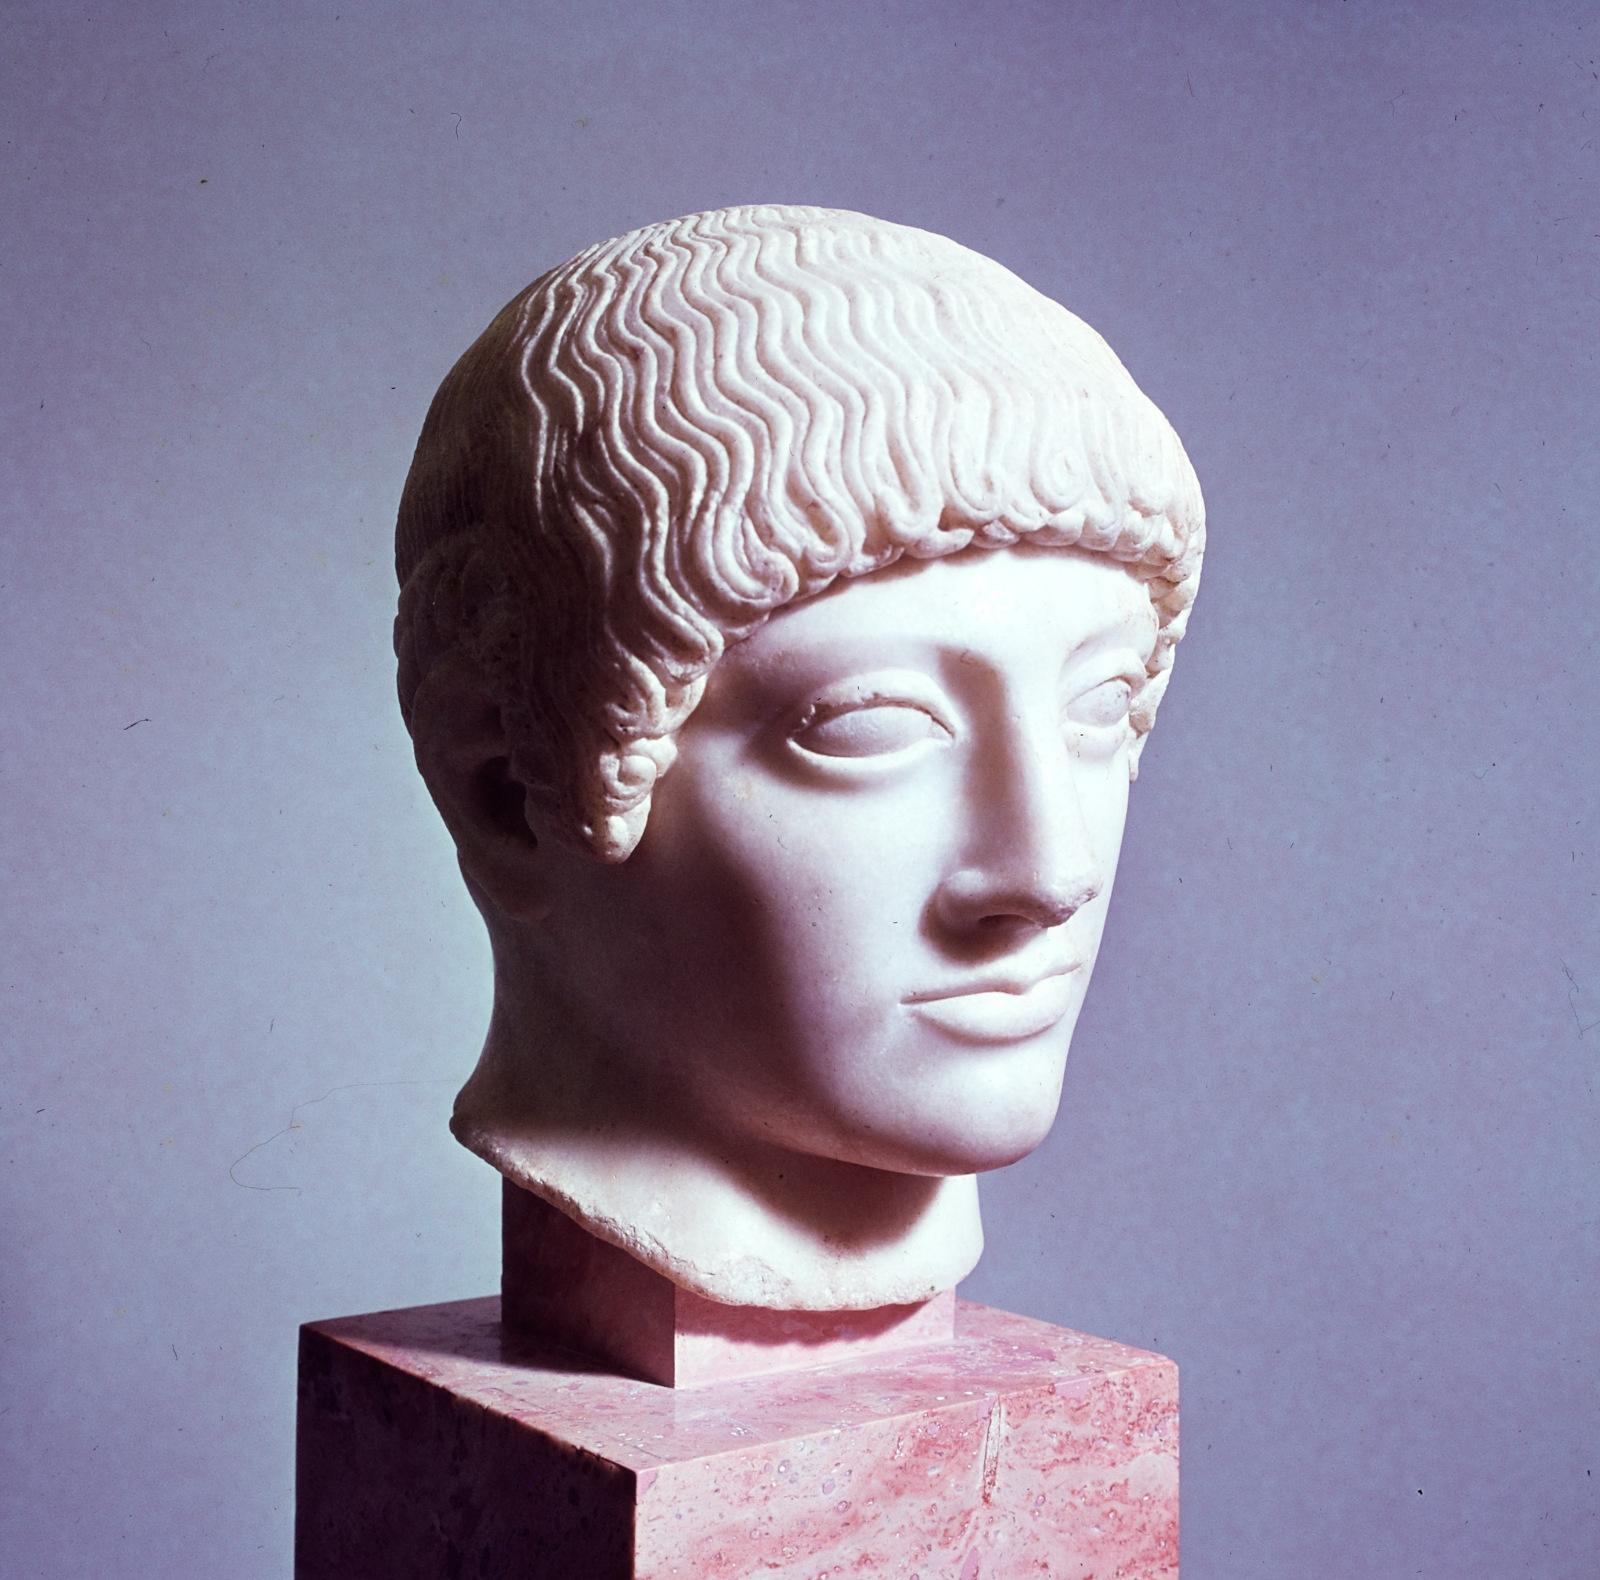 Афины. Музей Акрополя. Курос с желтыми волосами